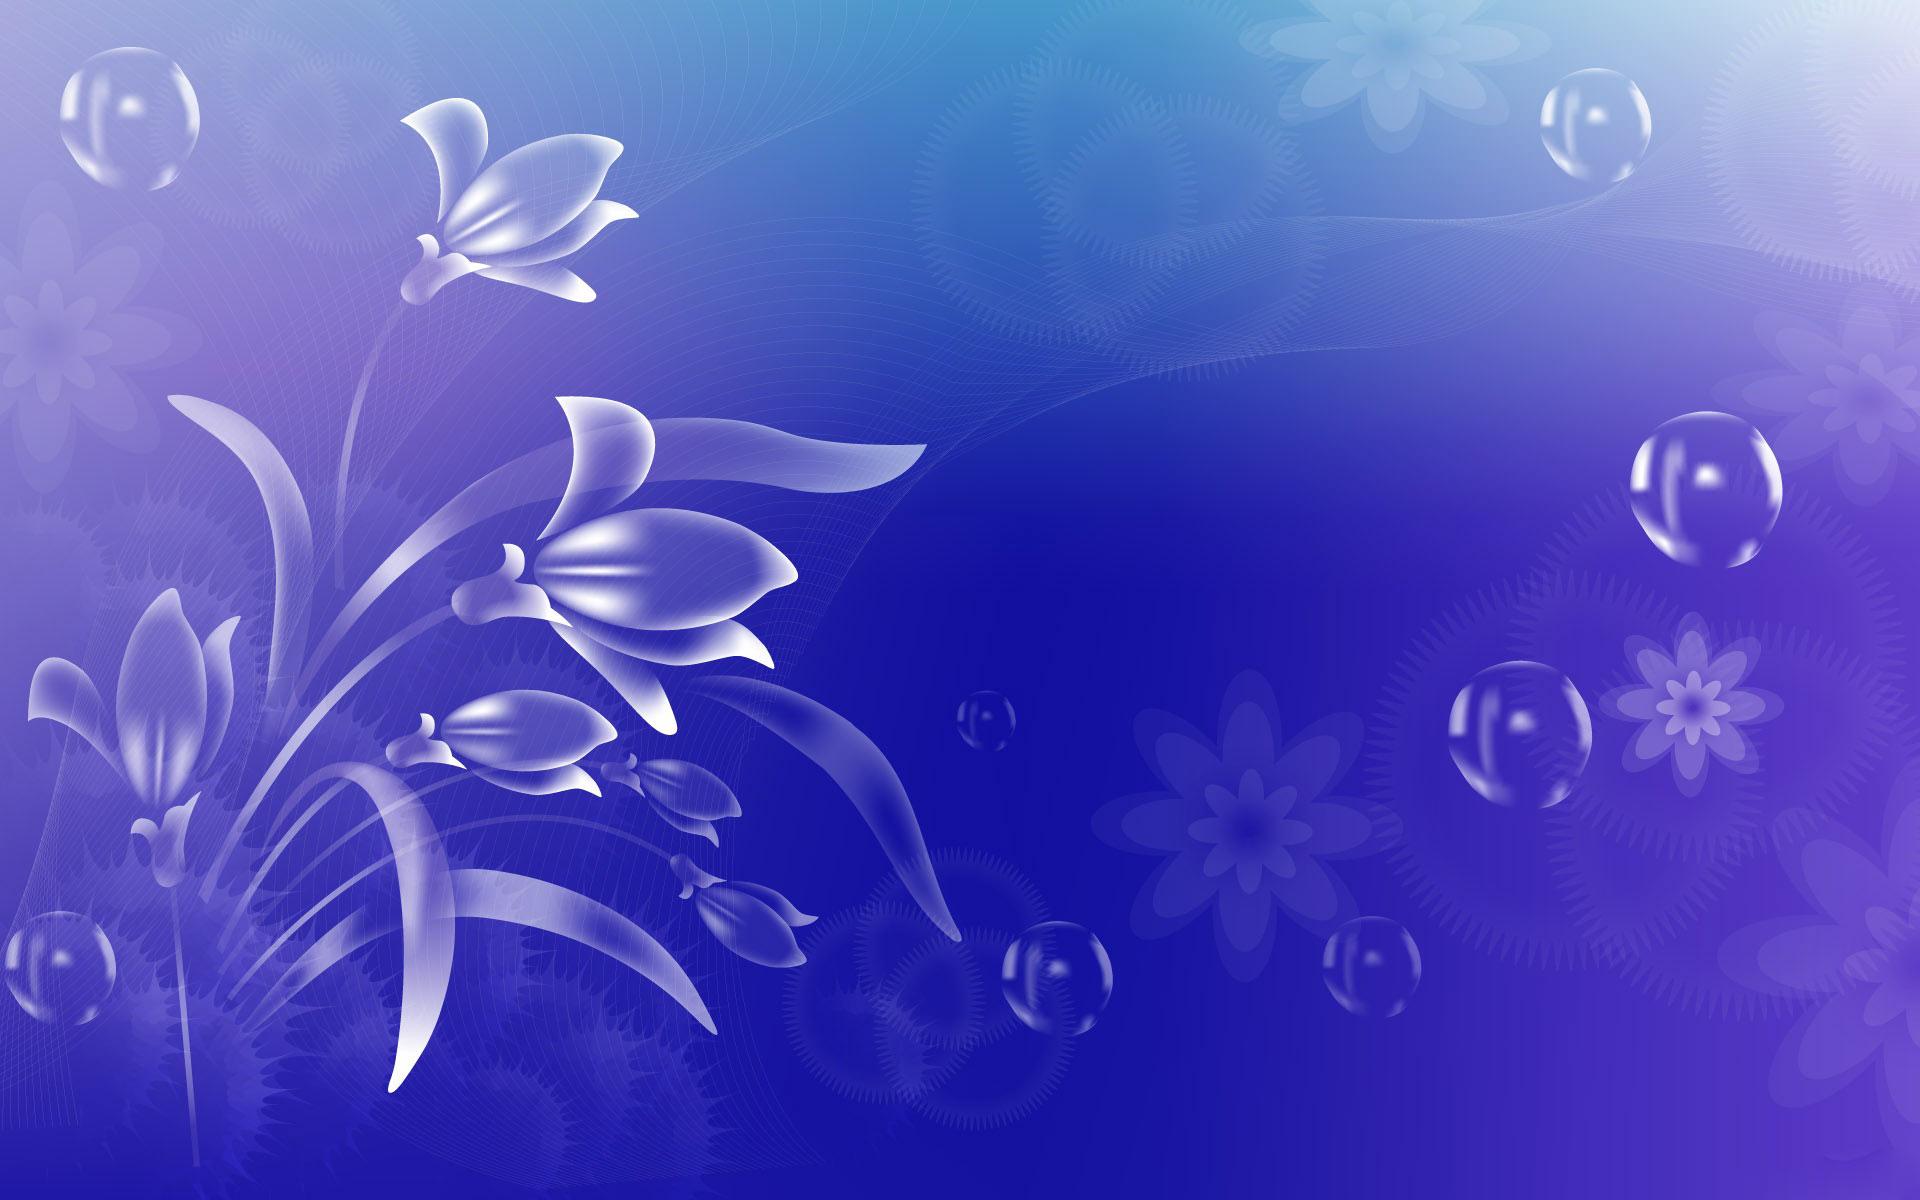 Hd graphic wallpaper wallpapersafari - Graphic design desktop wallpaper hd ...